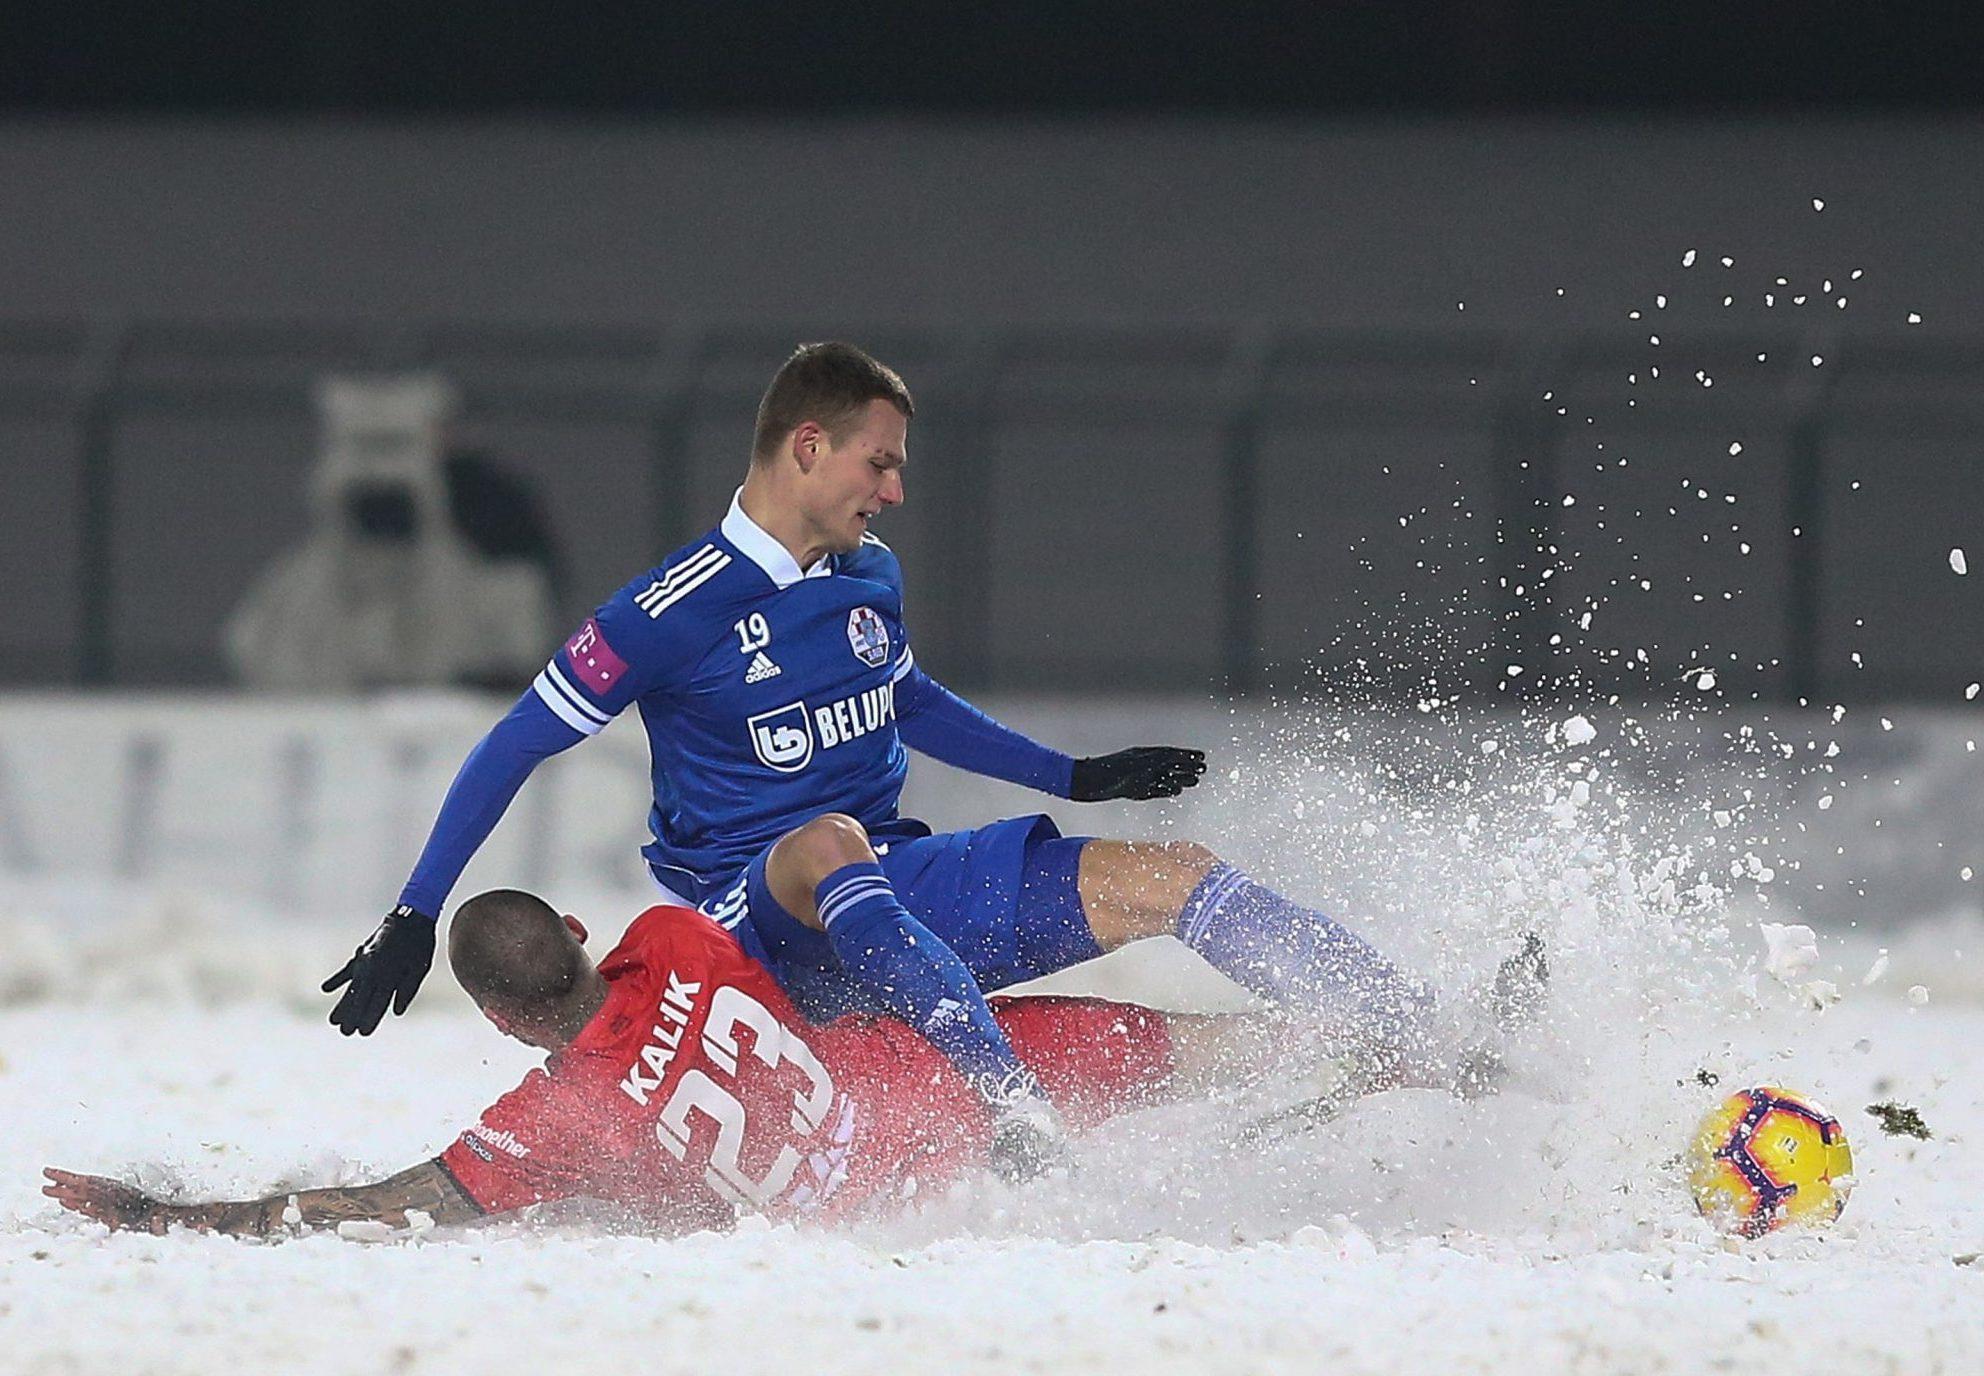 Snježni duel Knolla i Kalika/Foto PIXSELL